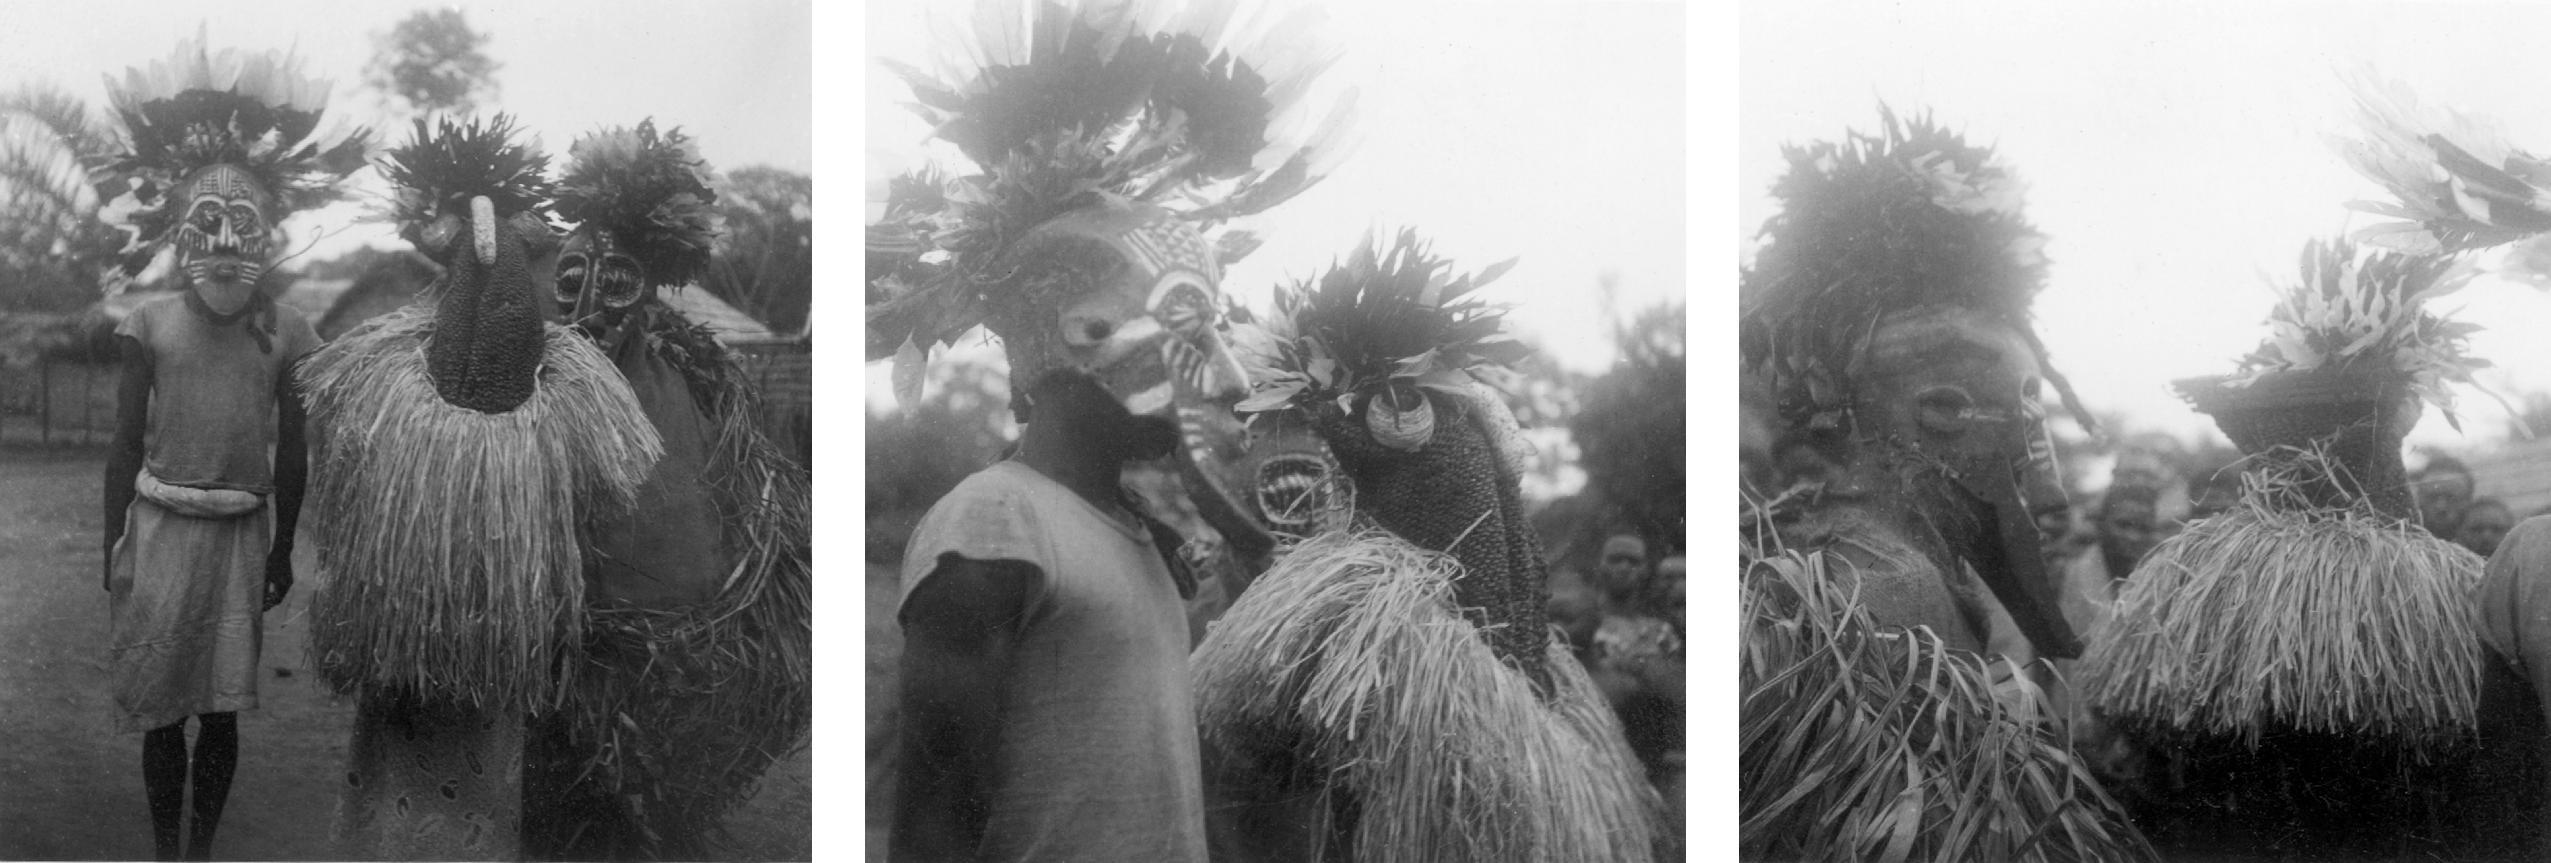 Kuba-Cwa Initiation Masks